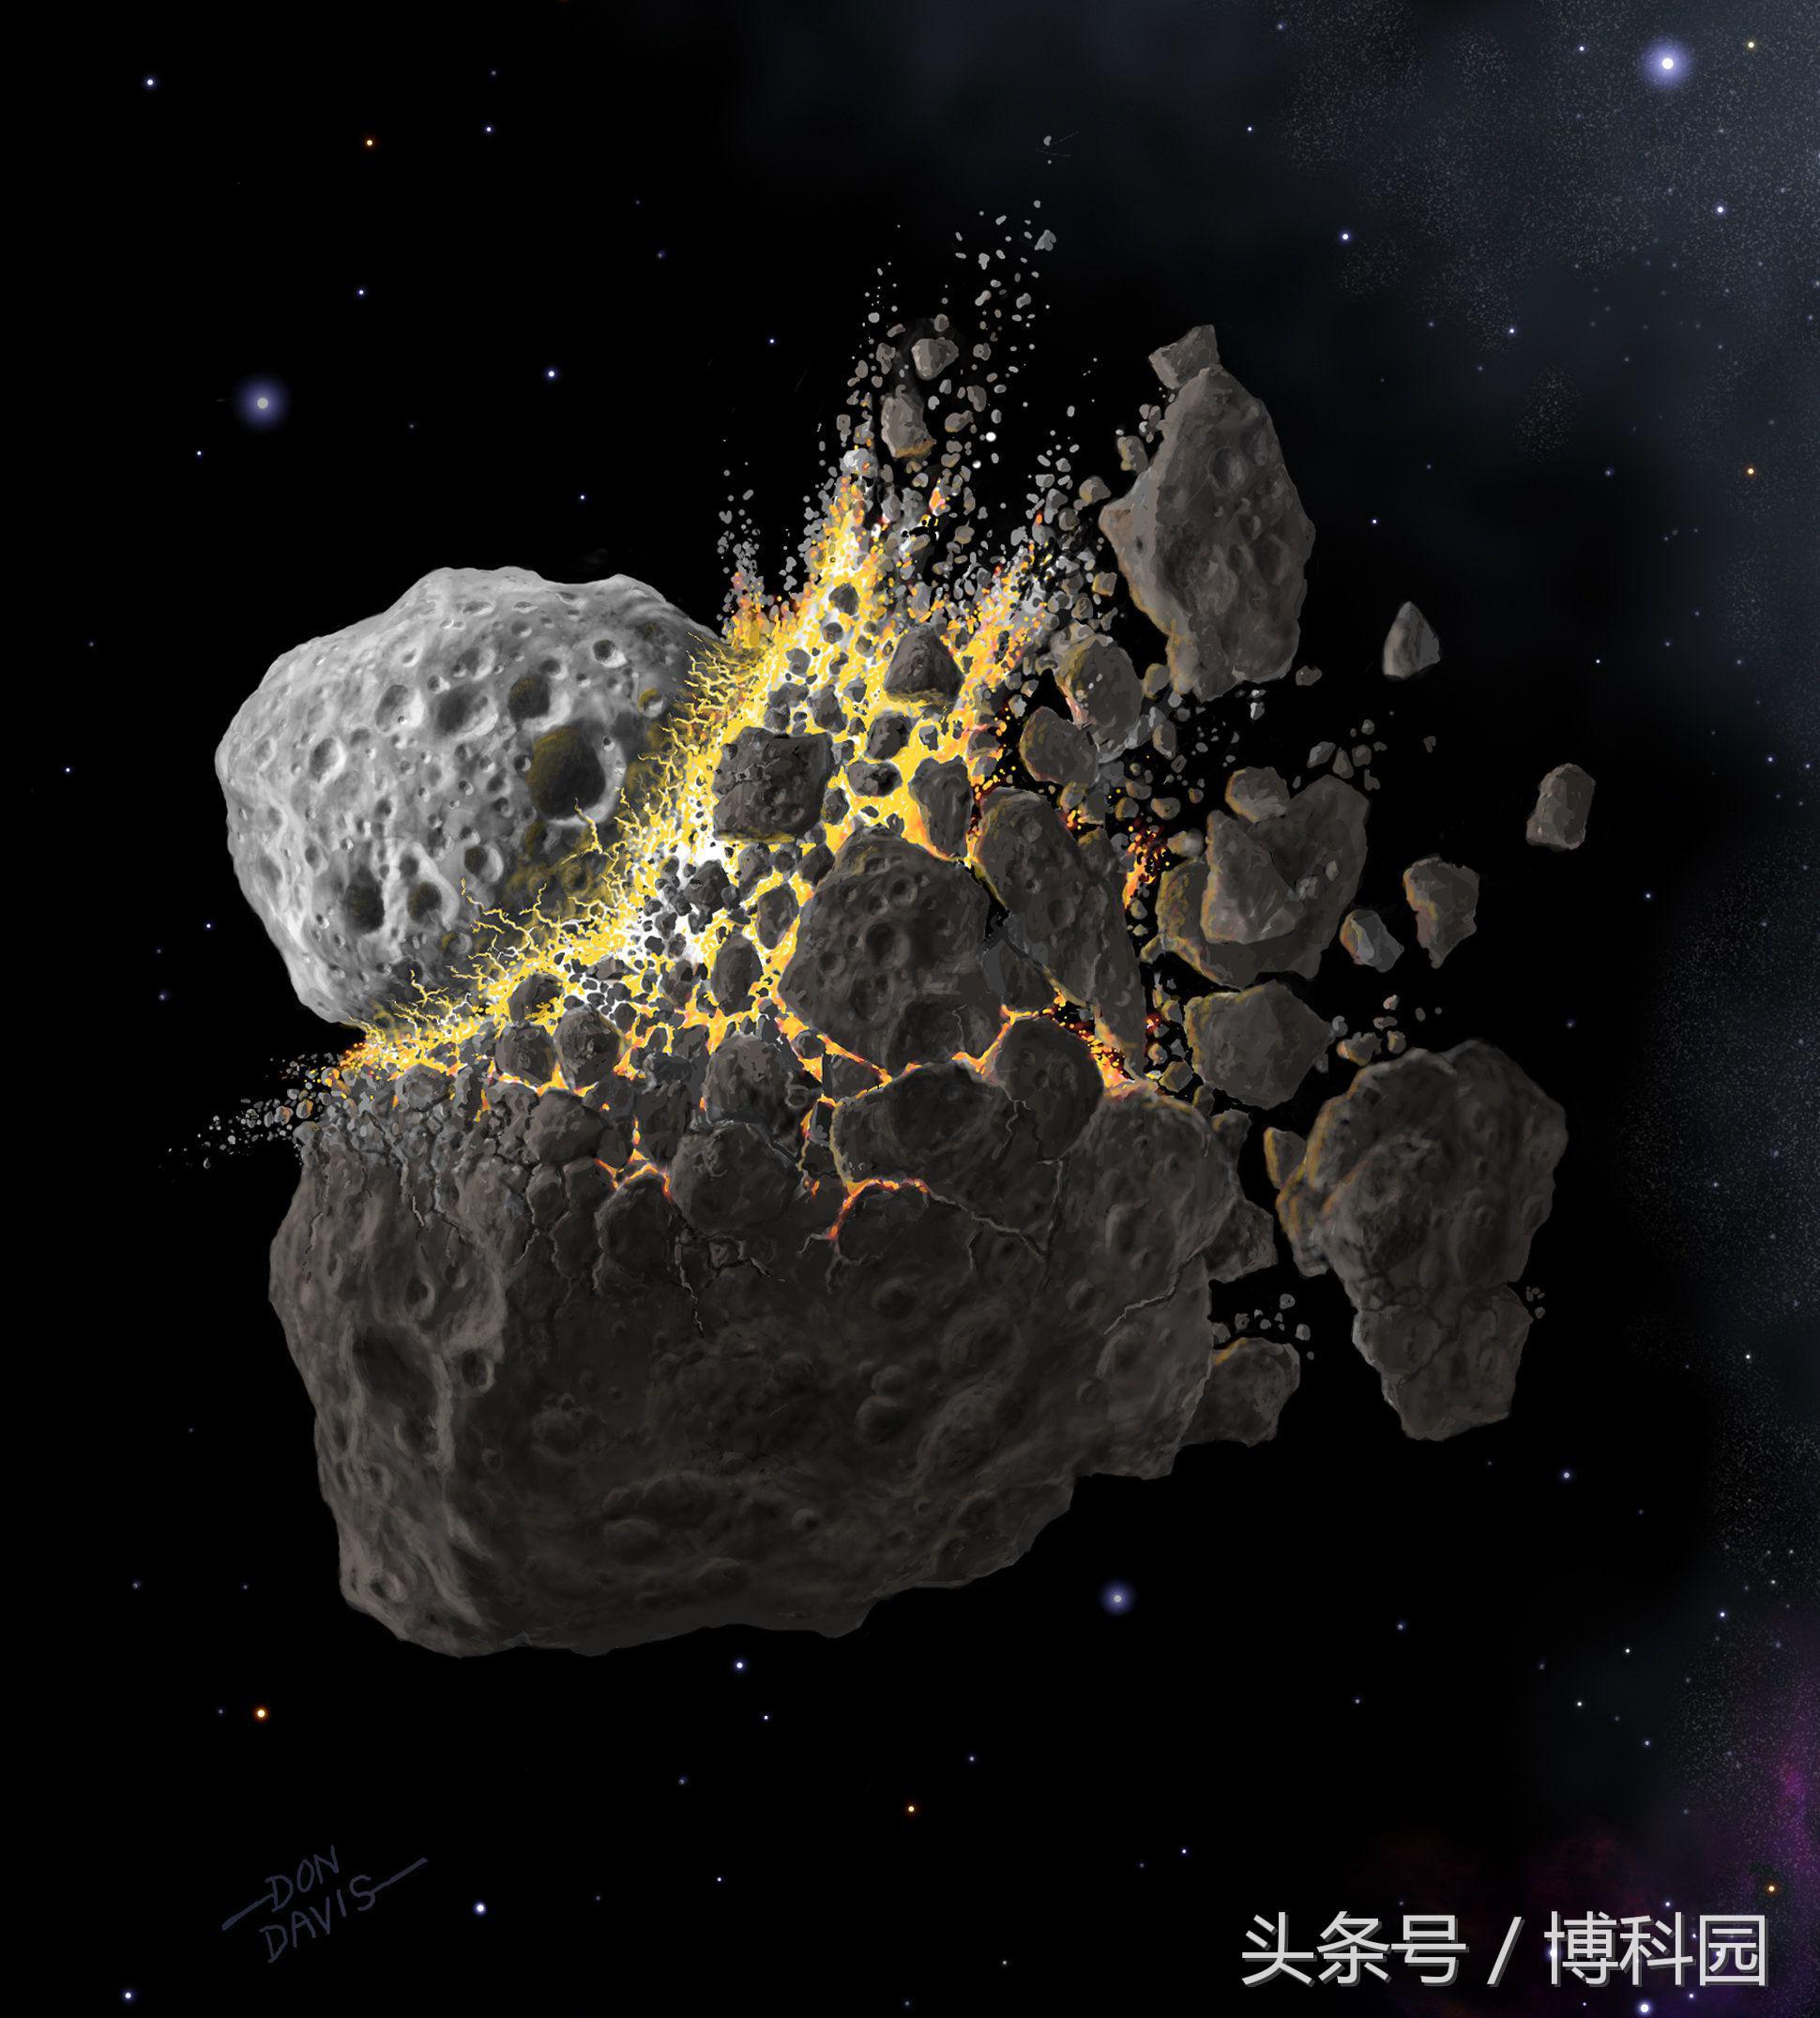 新研究揭示了小行星和陨石的秘密起源